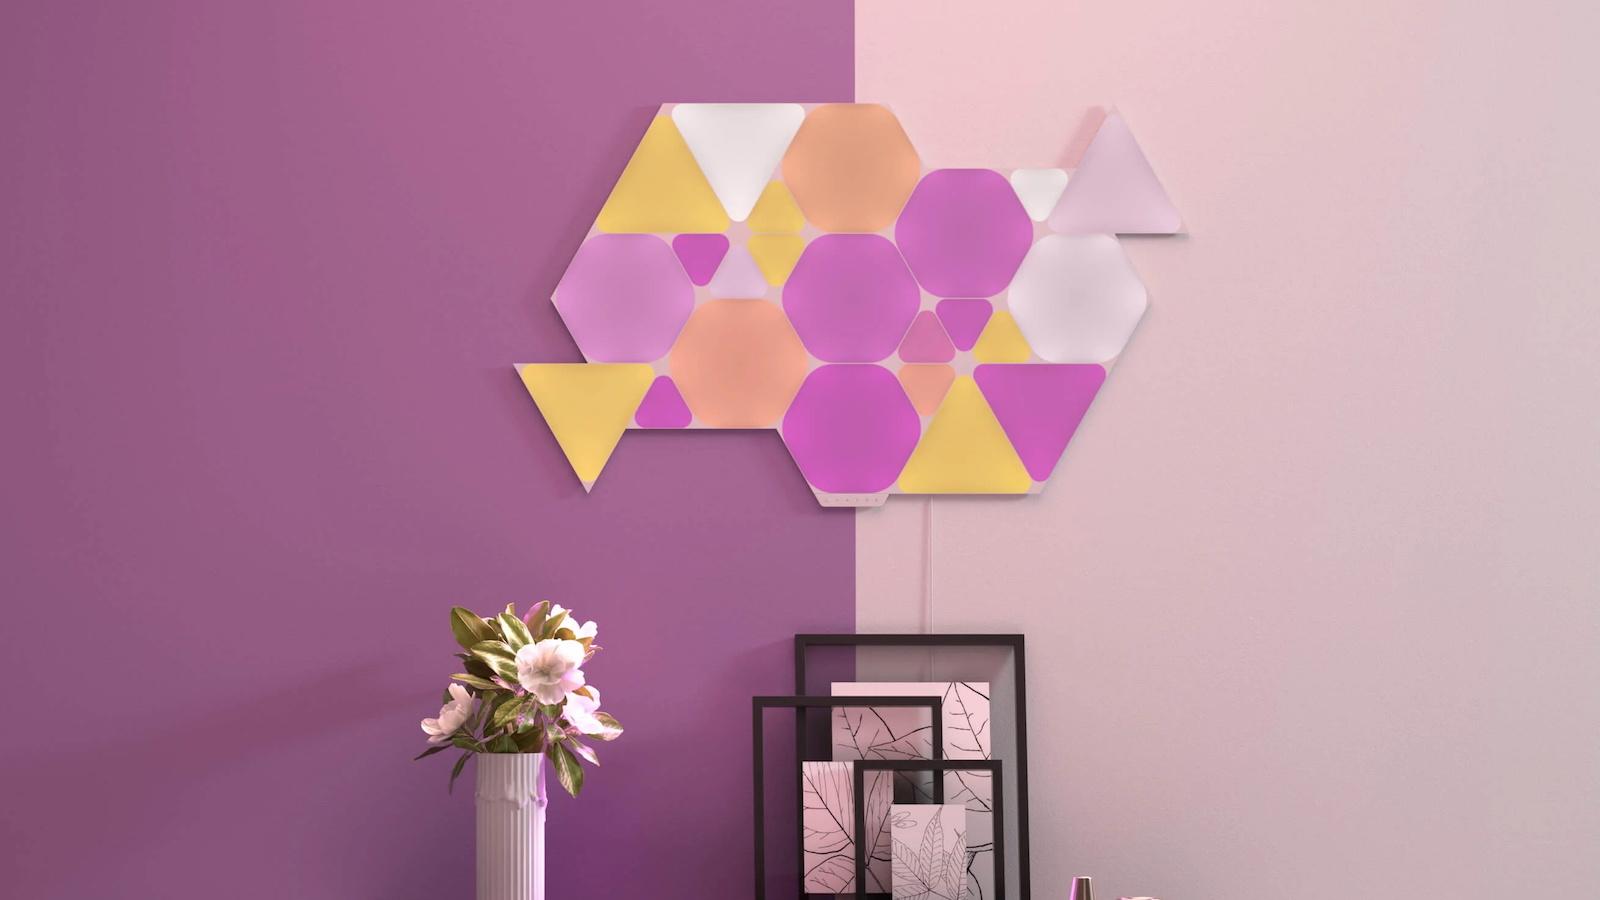 Nanoleaf Shapes modular smart wall decor lets you discover limitless lighting